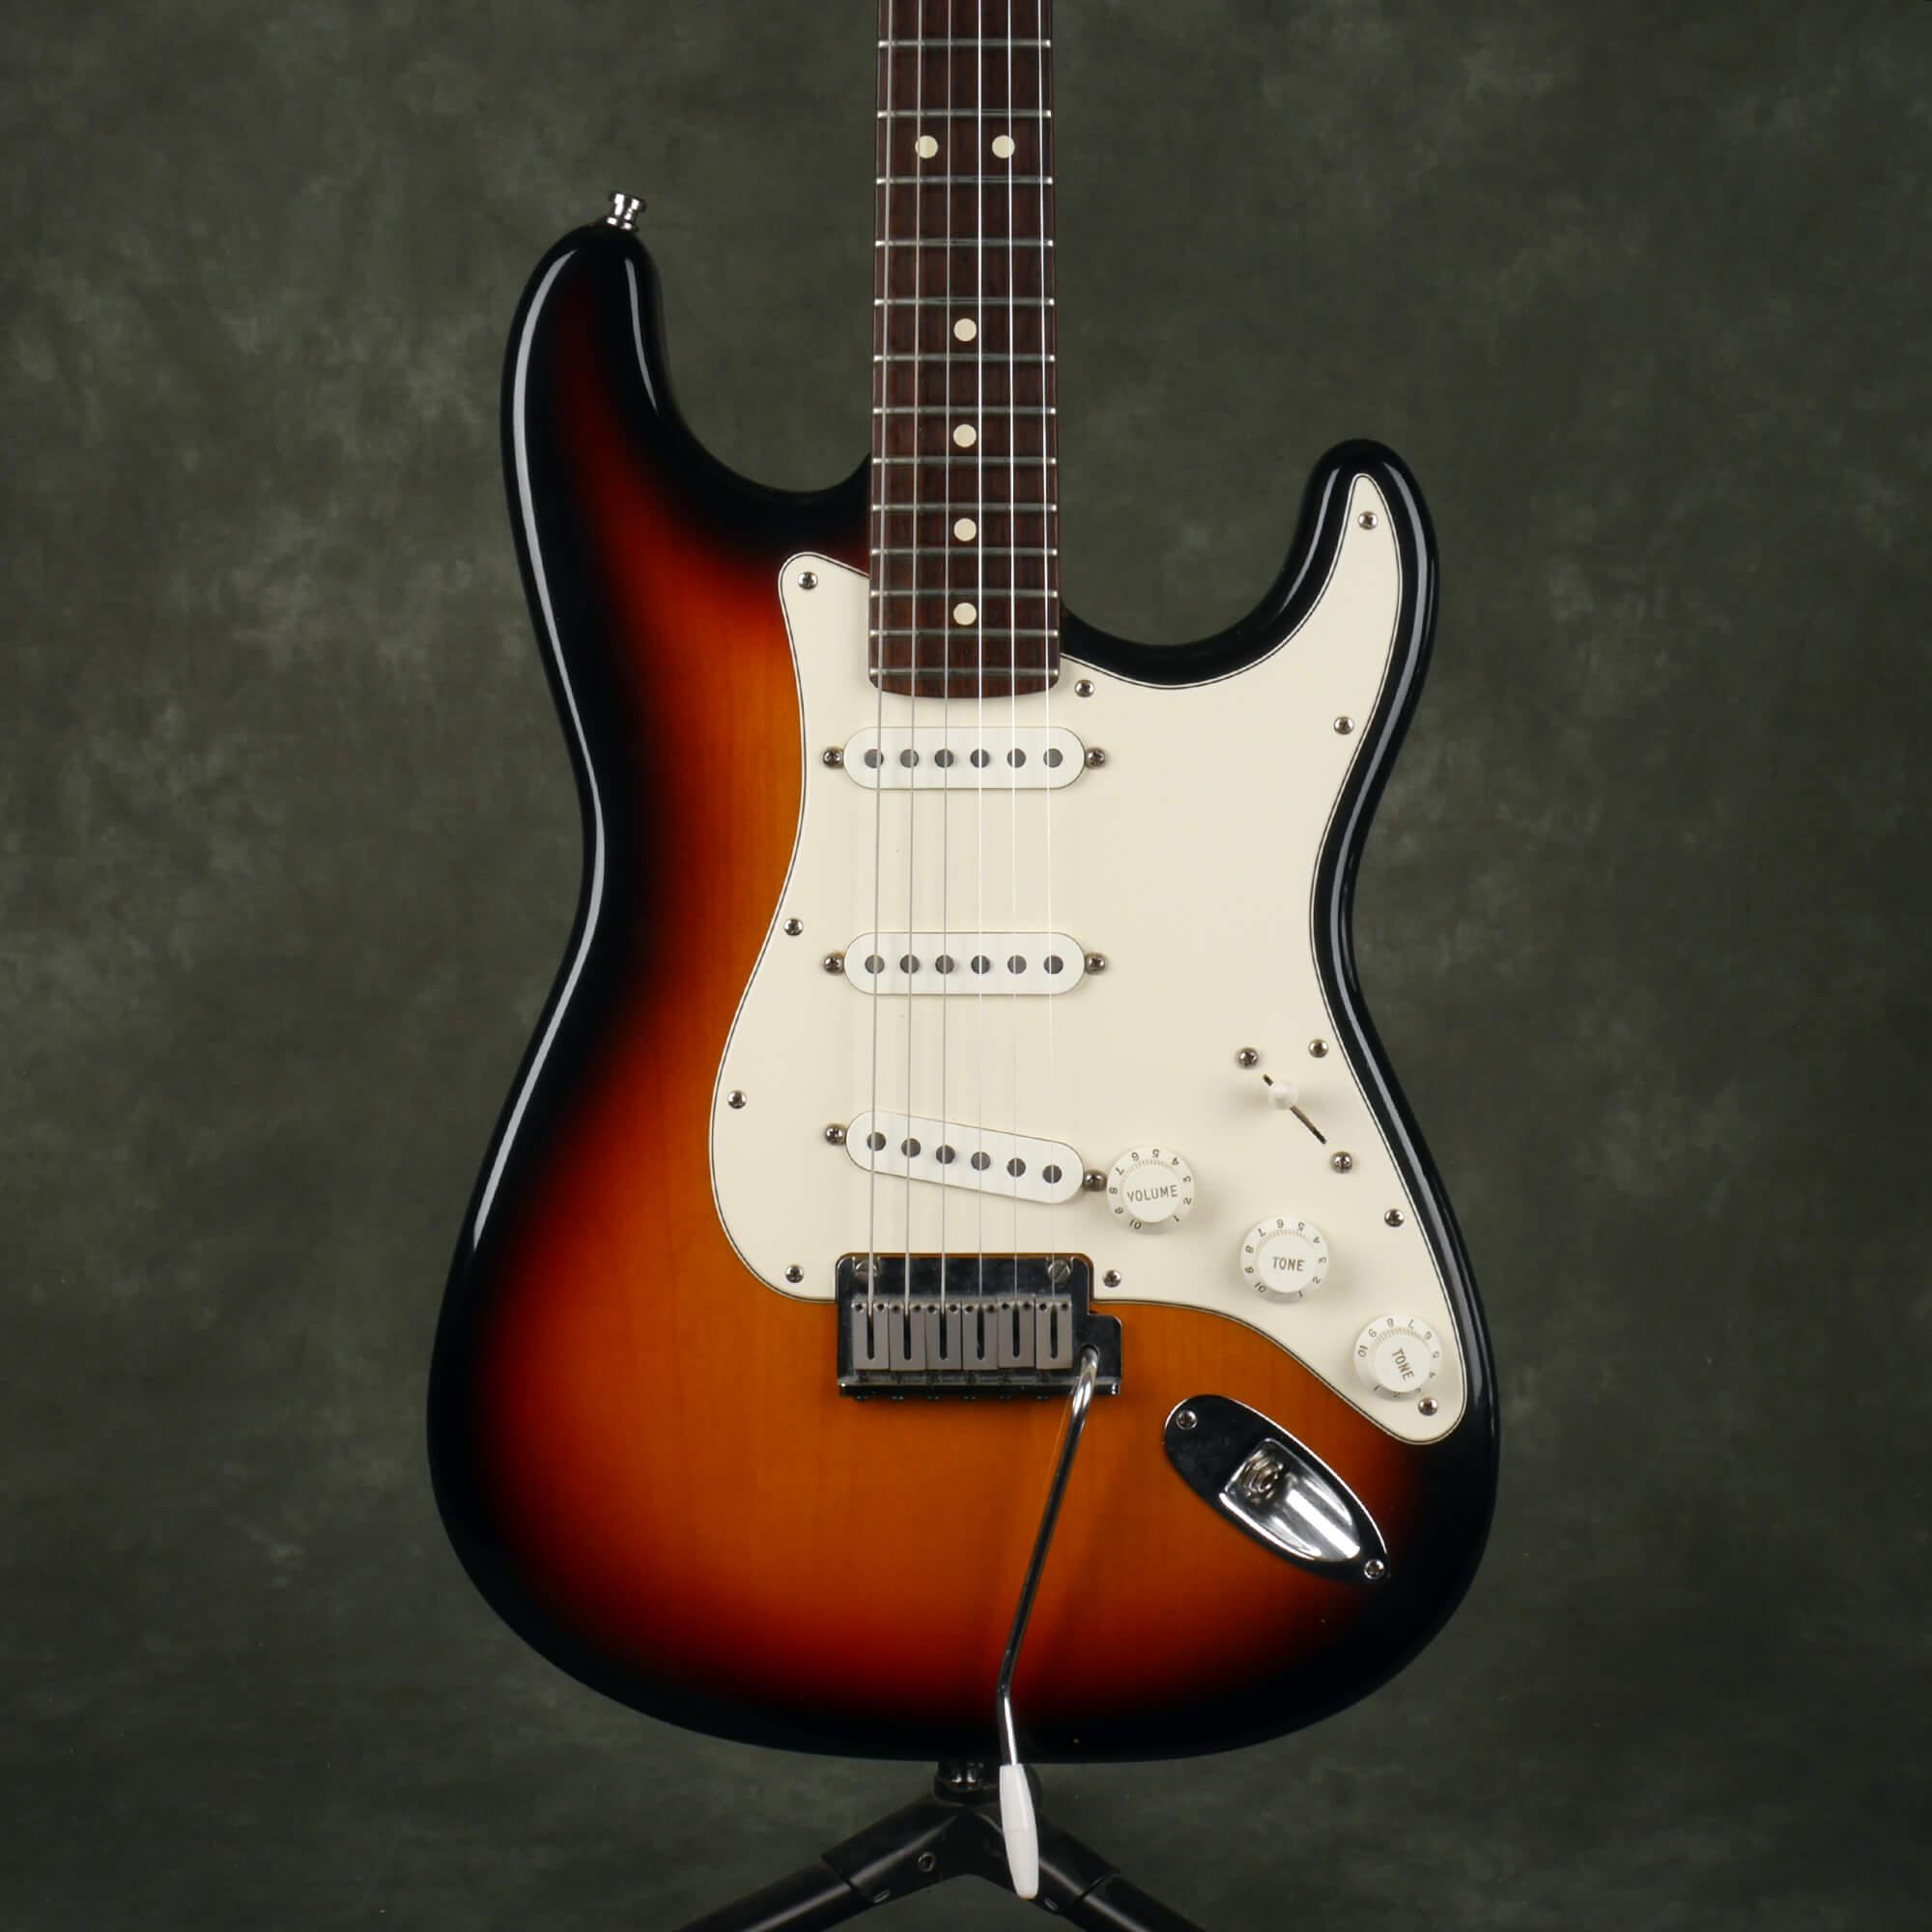 Fender American Standard Stratocaster - Sunburst - 2nd Hand